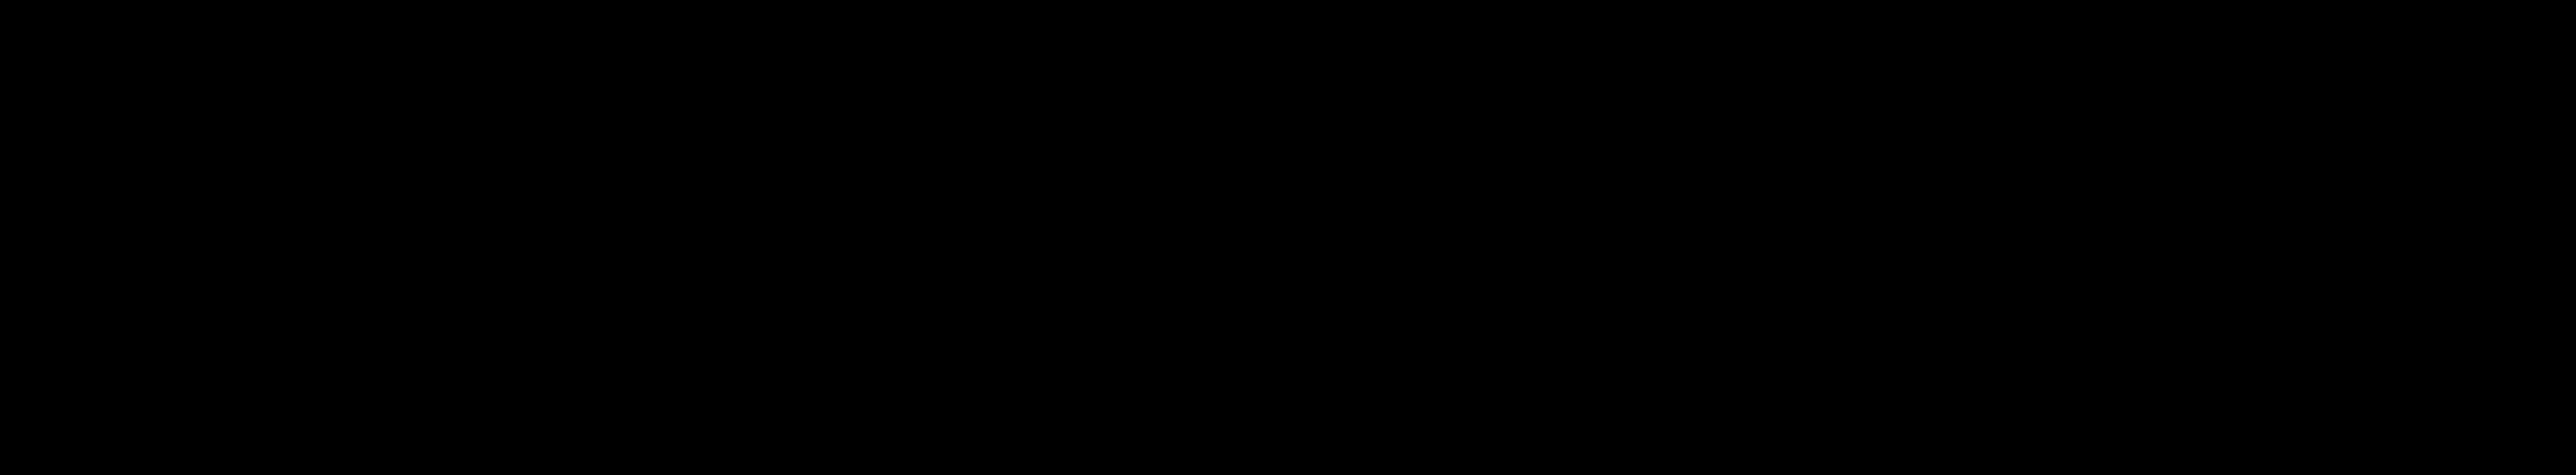 https://acessodigital.com/wp-content/uploads/2020/05/o-boticario-logo-1.png